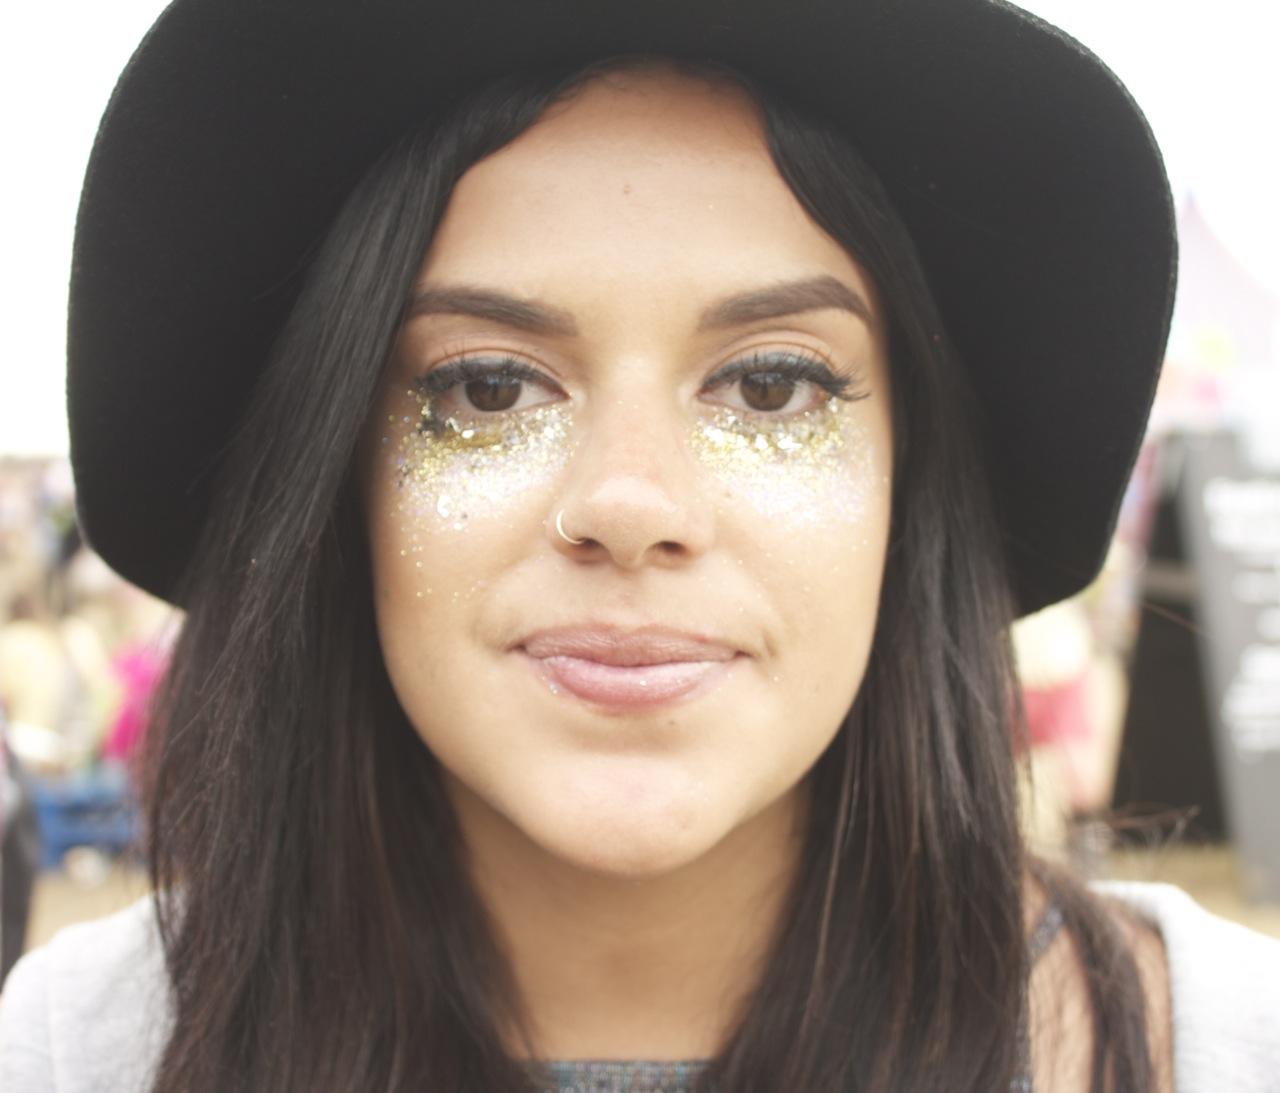 6 - Glitter makeovers